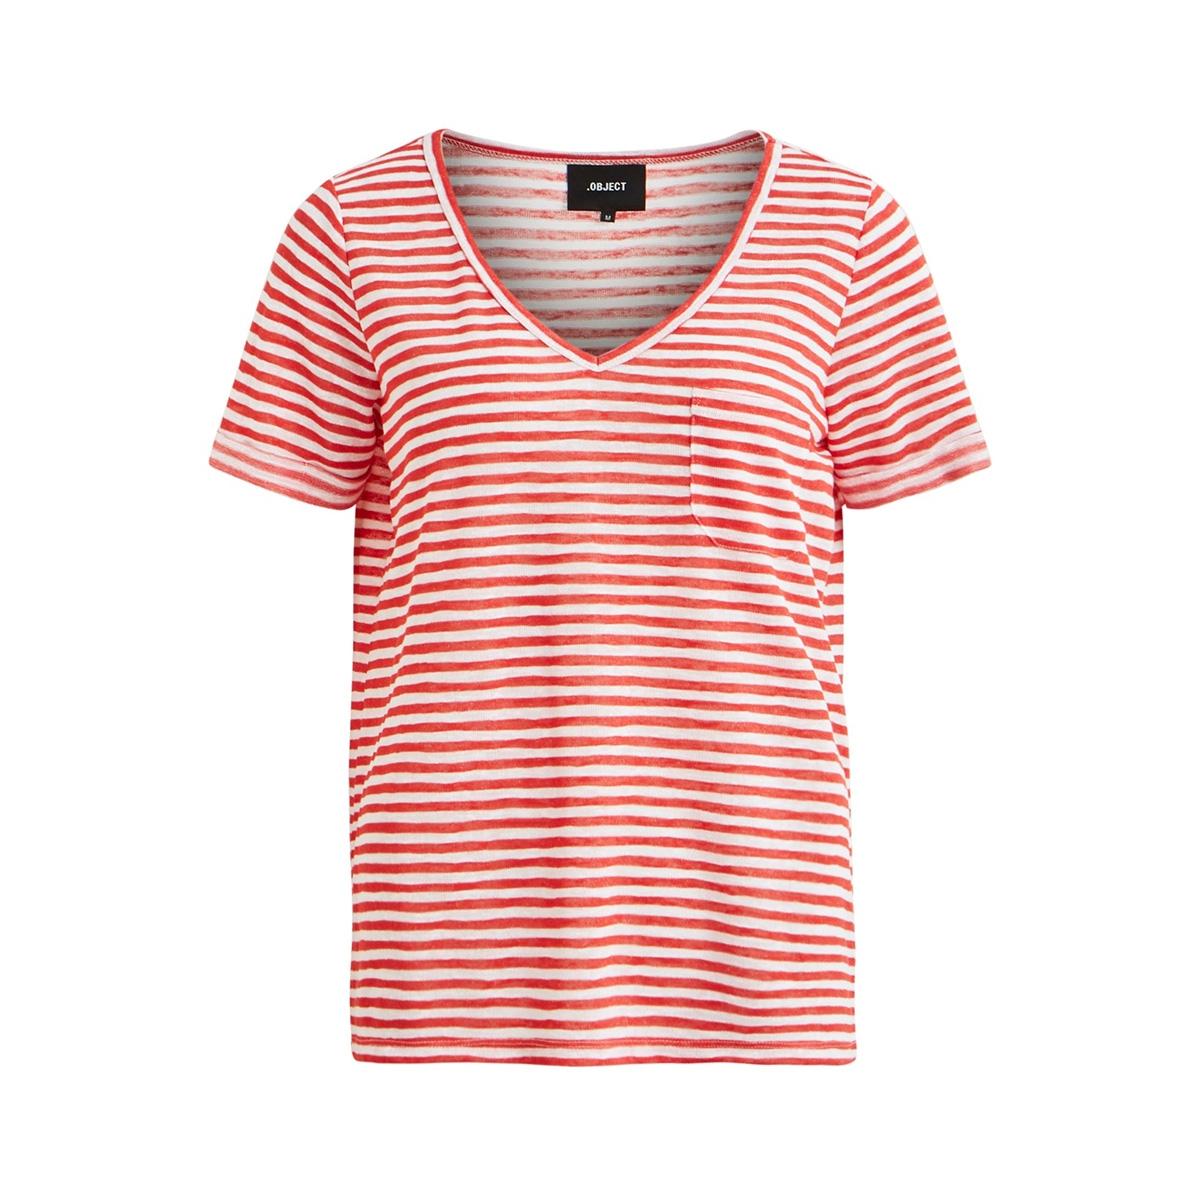 objtessi slub s/s v-neck seasonal 23026968 object t-shirt tandori spice/white